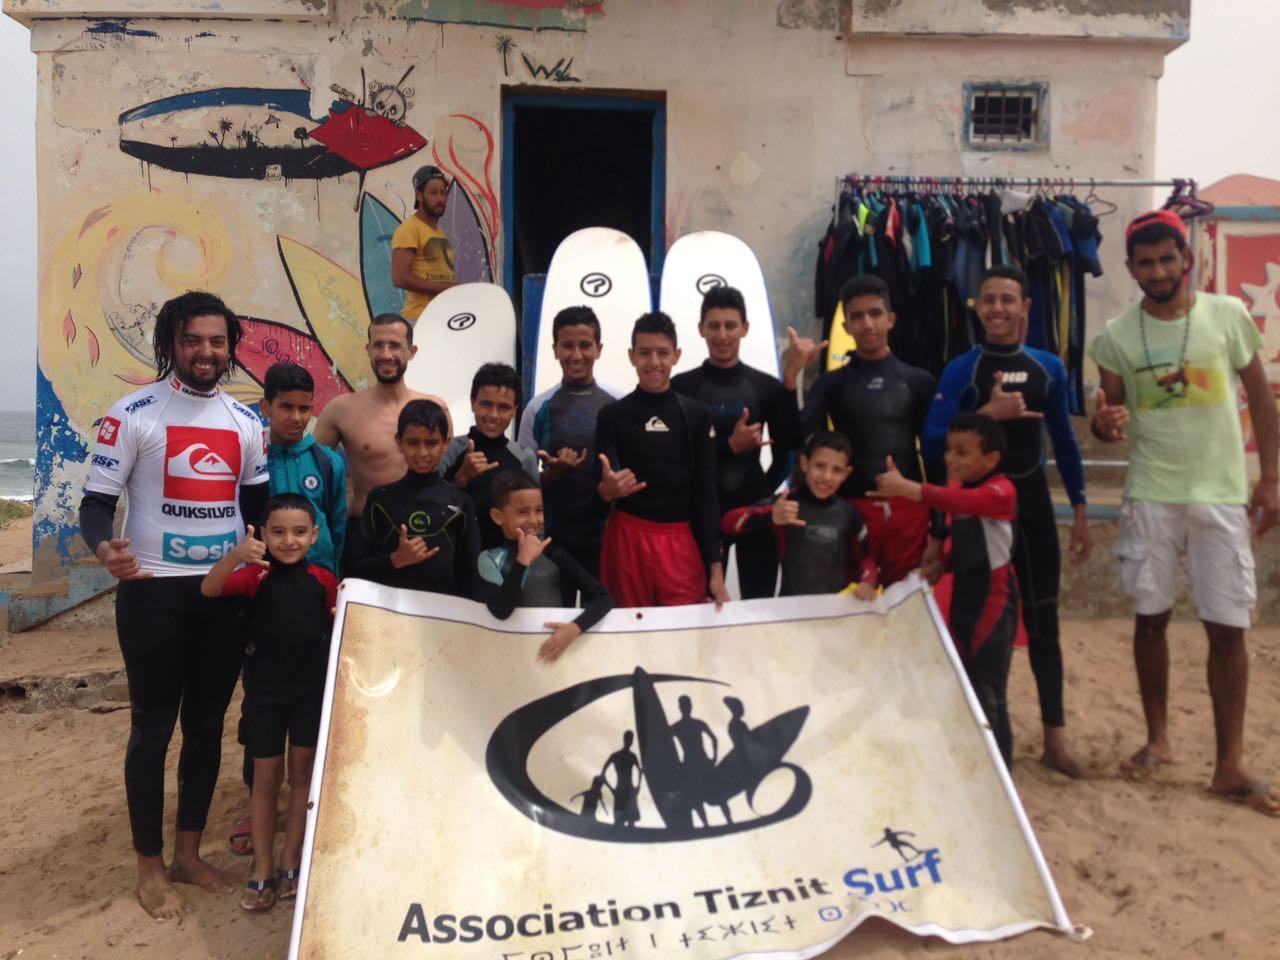 جمعية تيزنيت لركوب الموج تفتتح باب الانخراط للموسم الرياضي الجديد